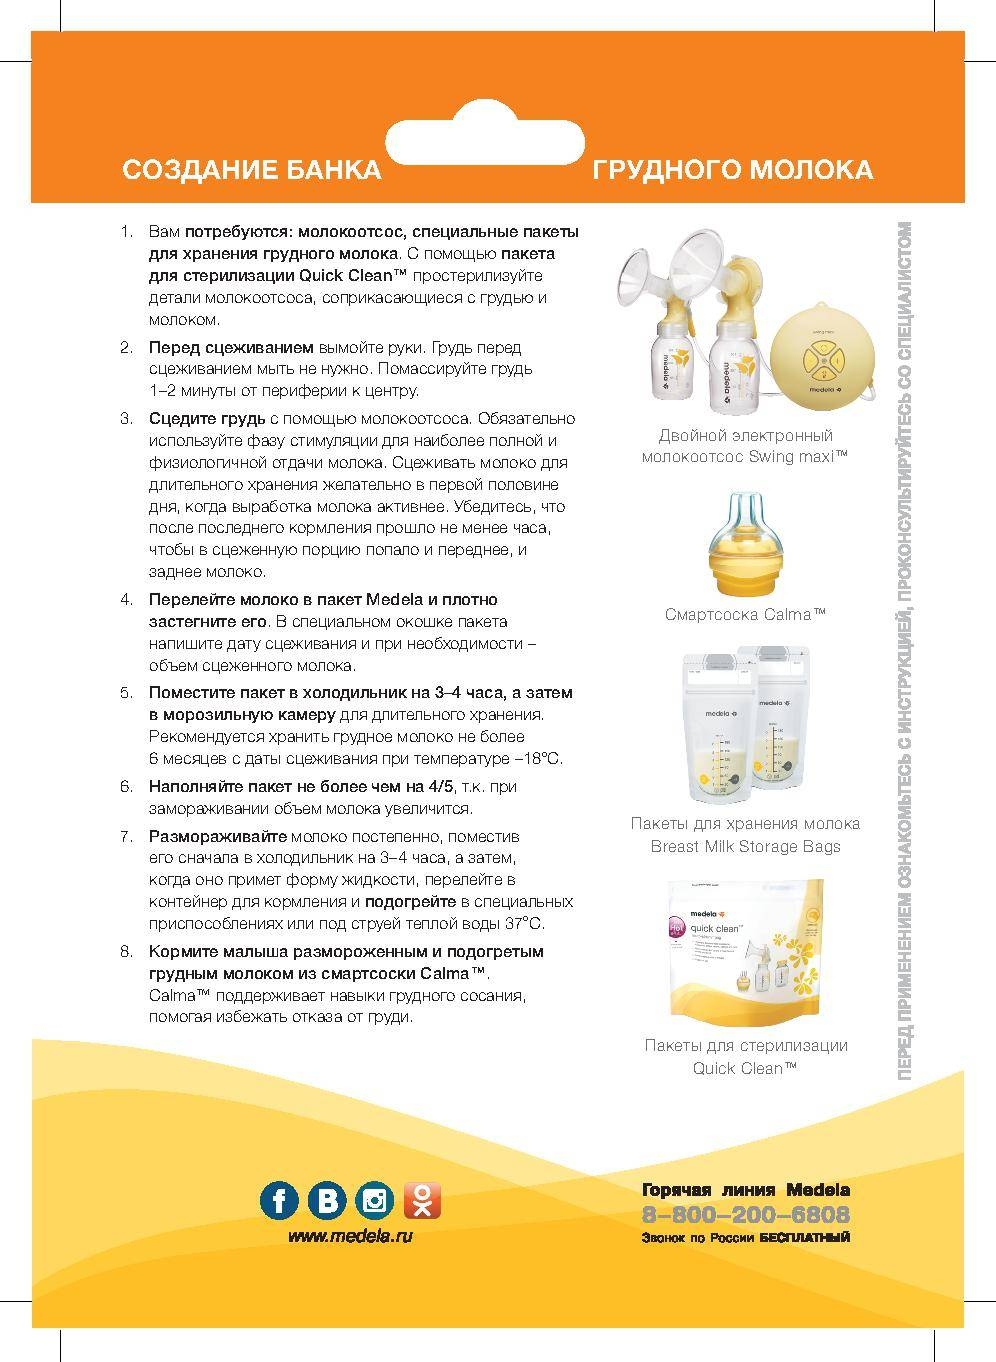 Топ-3 лучших емкостей для хранения грудного молока [рейтинг и гид по выбору]